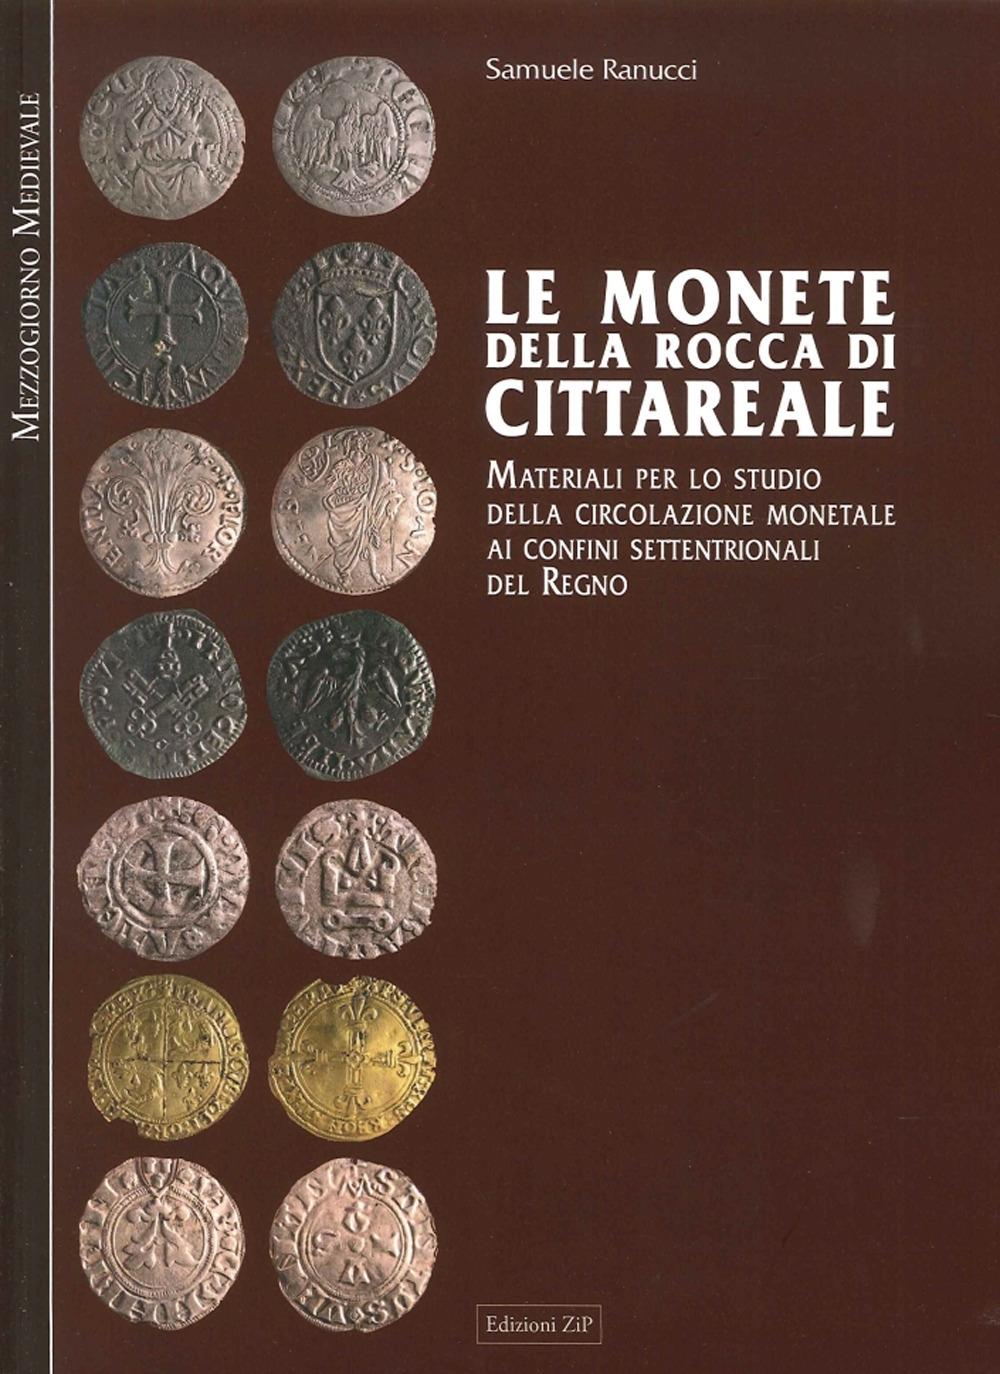 Le monete della Rocca di Cittareale. Materiali per lo studio della circolazione monetale ai confini settendrionali del Regno.